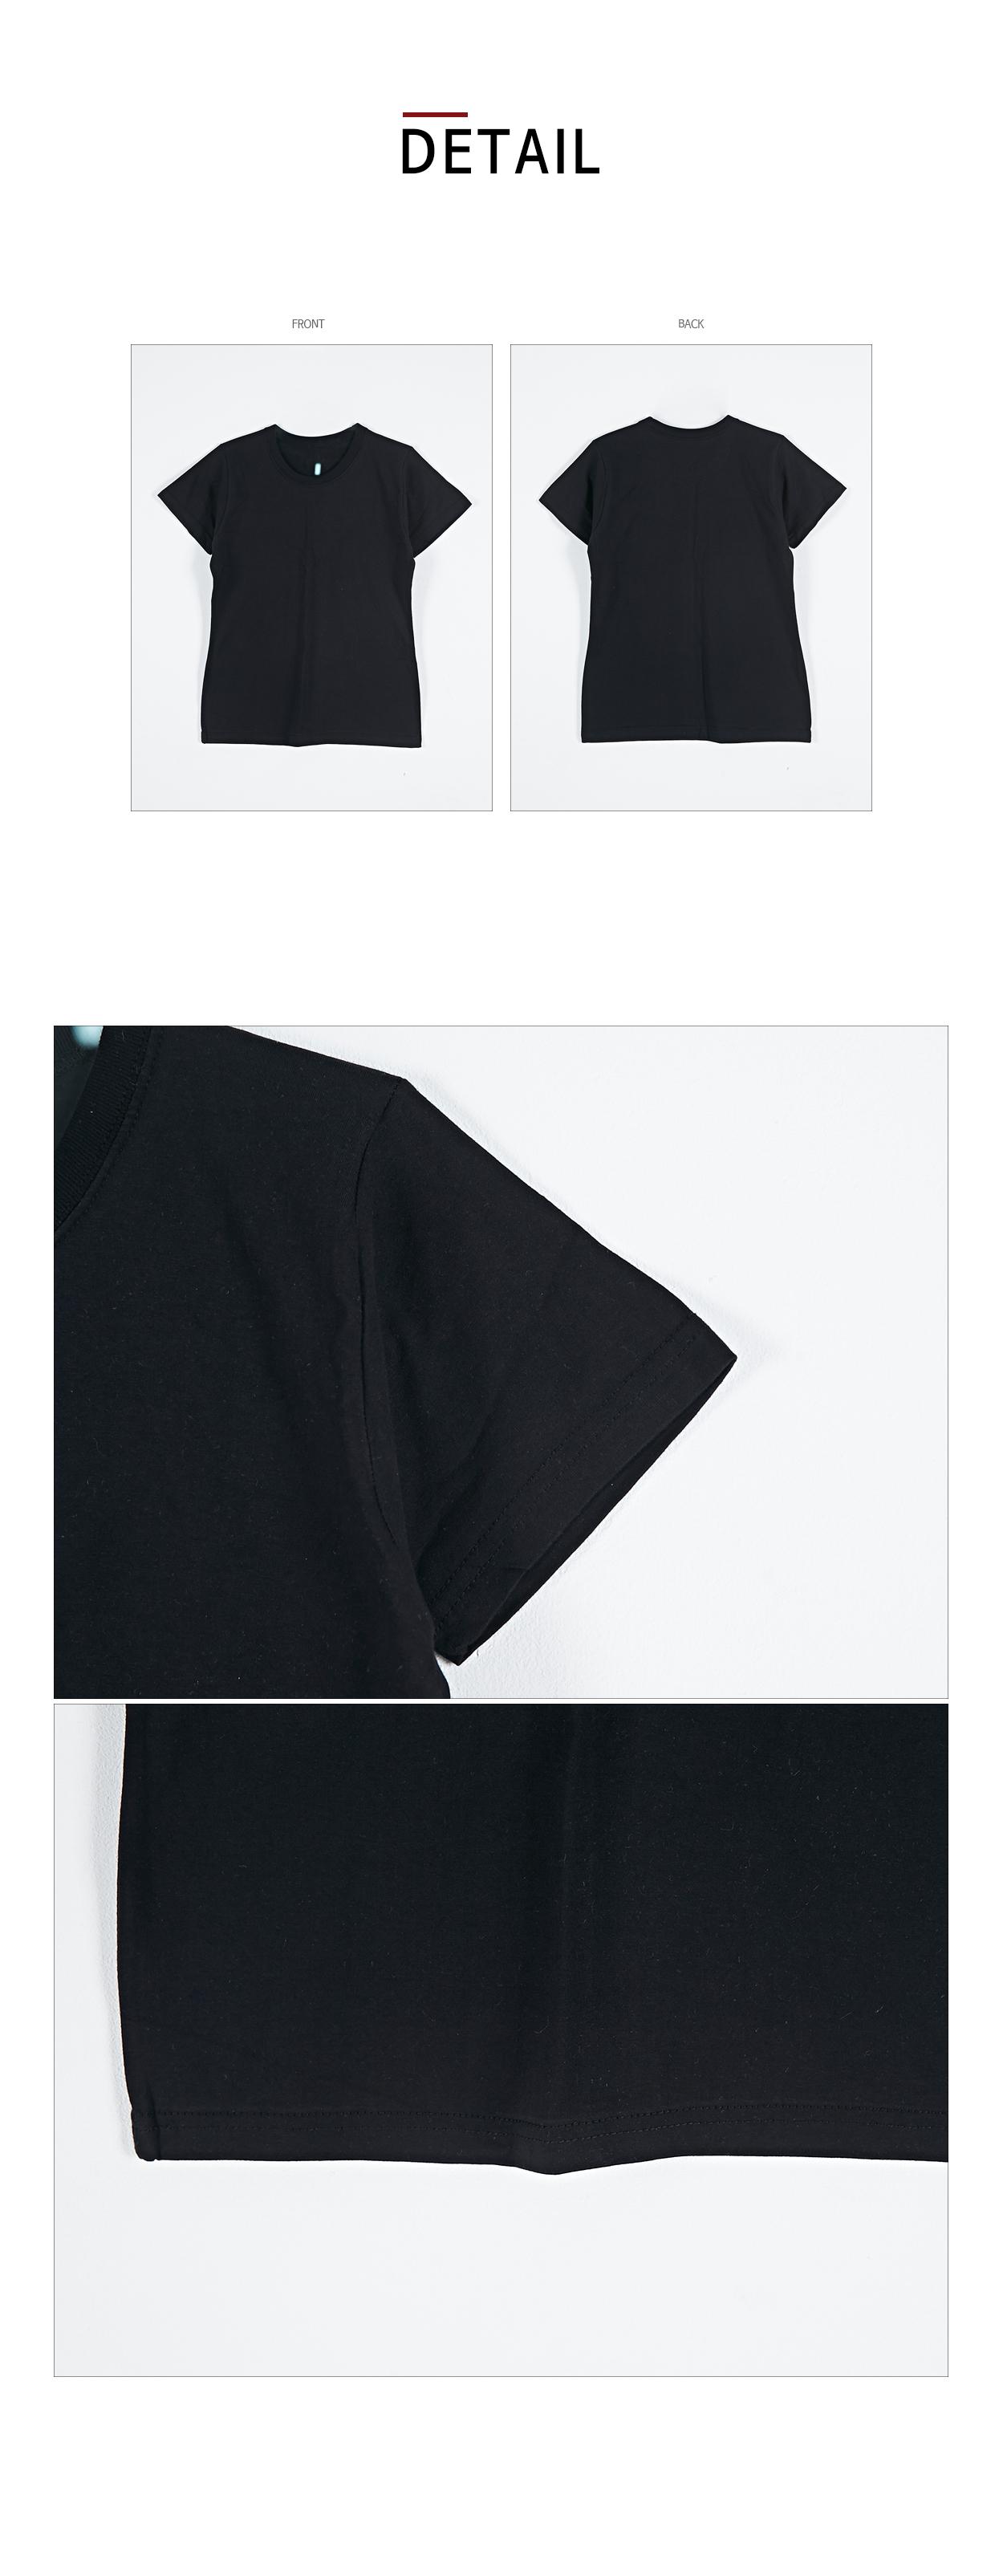 라인이 잡혀있는 여자 검정 반팔티 생활복 - 교복몰, 4,900원, 여성 스쿨룩, 상의